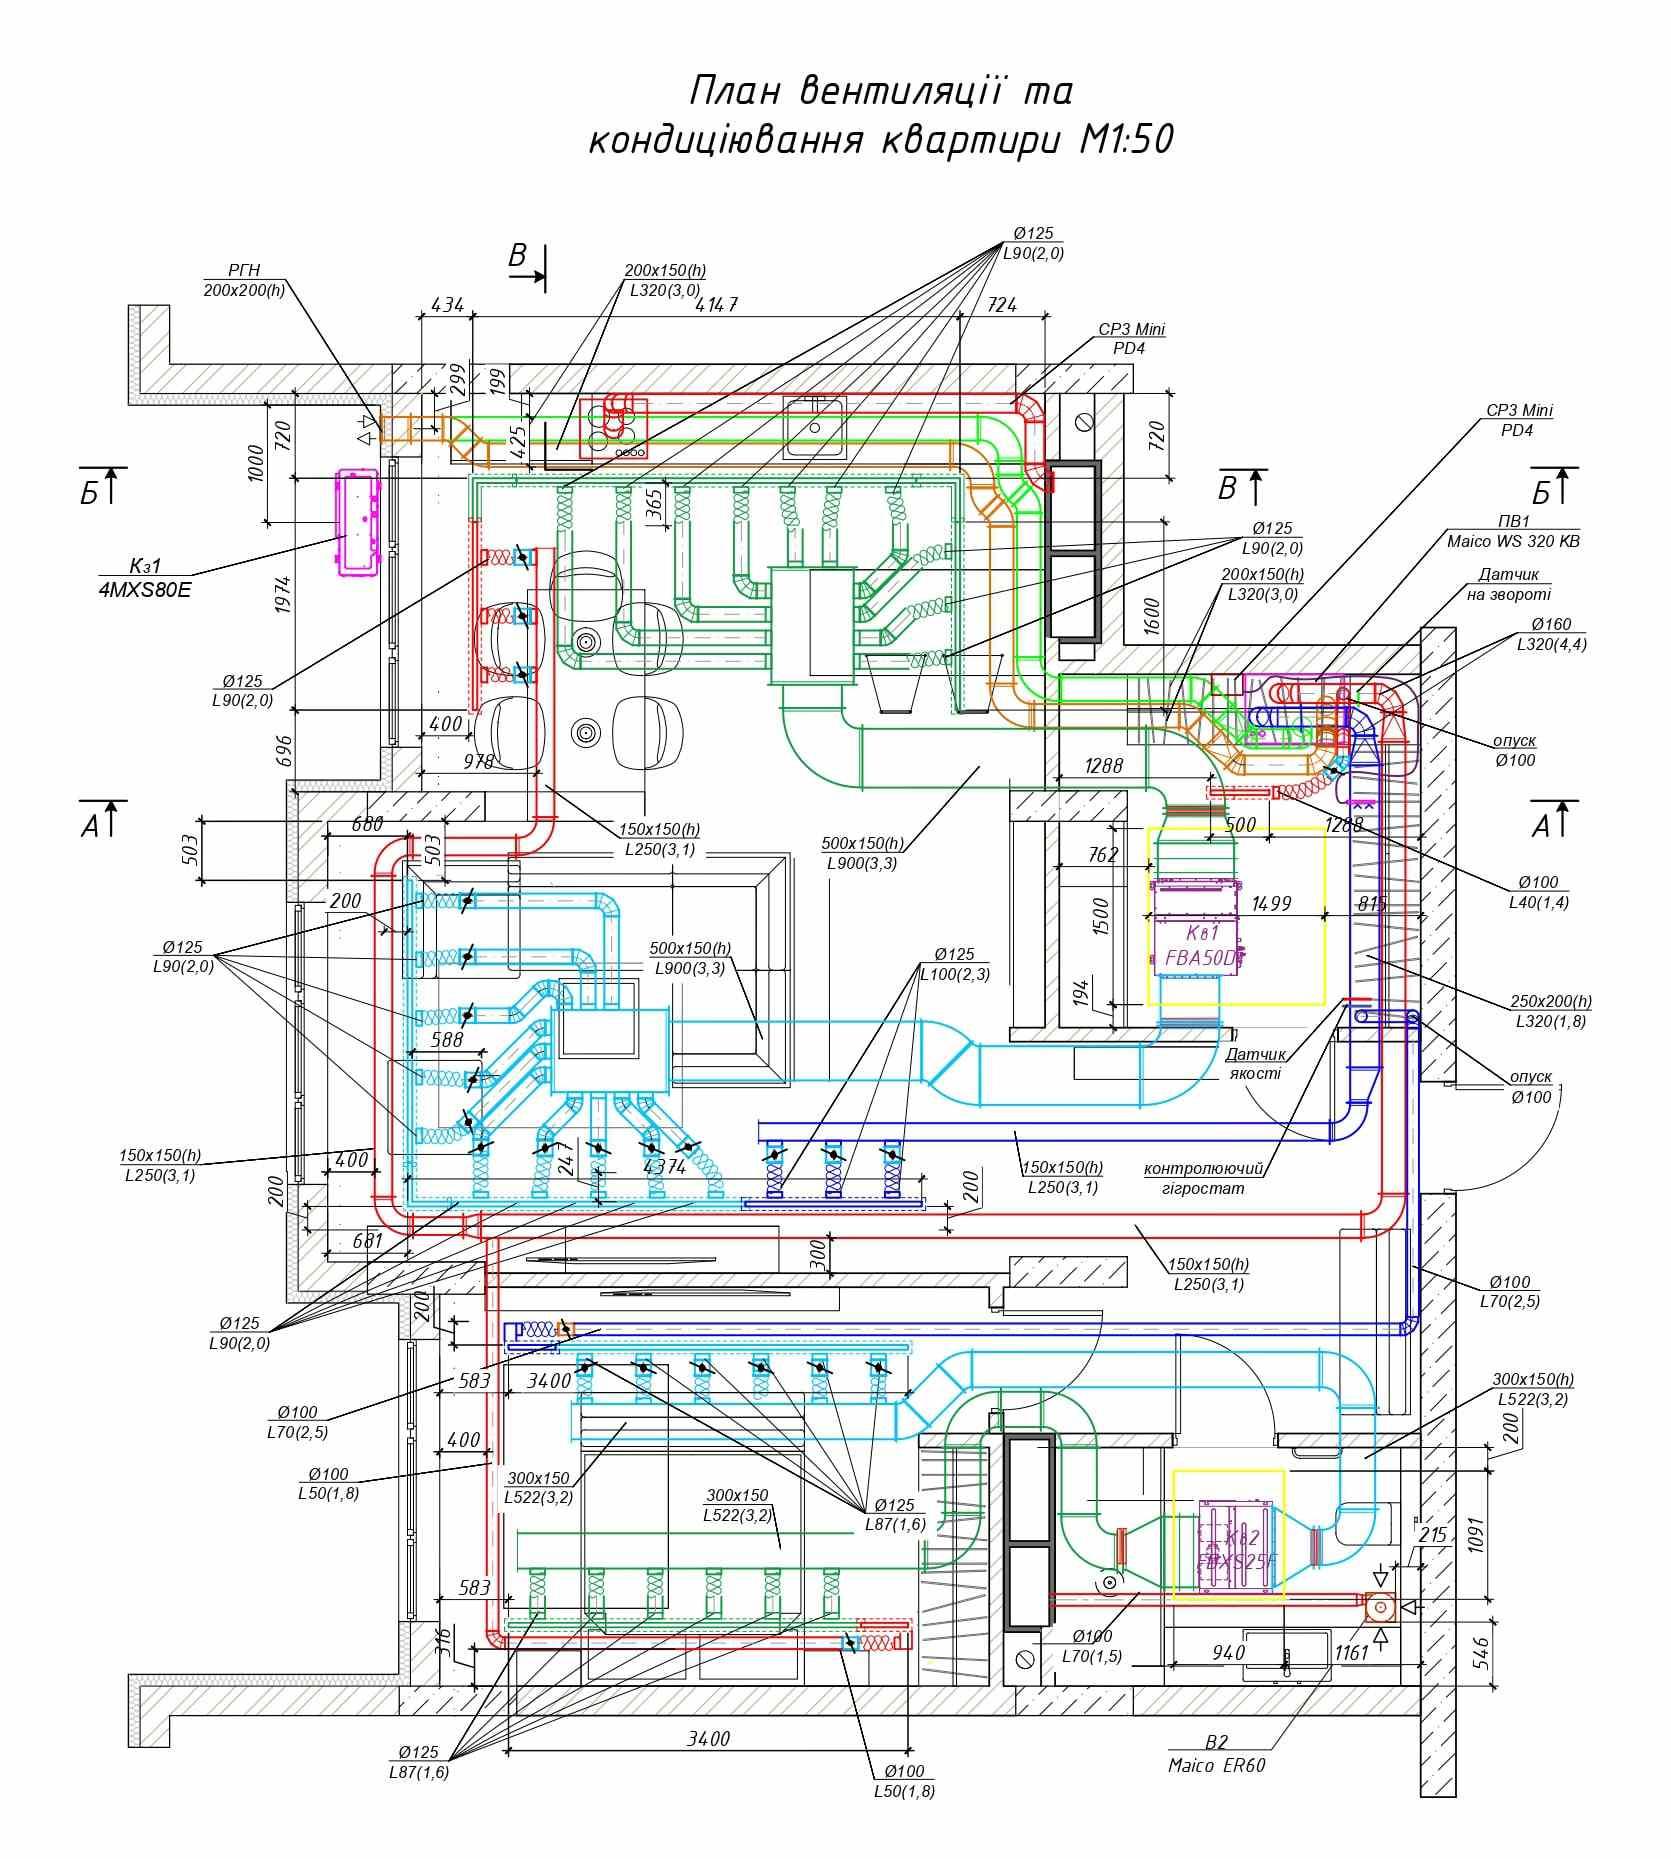 Чертеж инженерных систем для квартиры